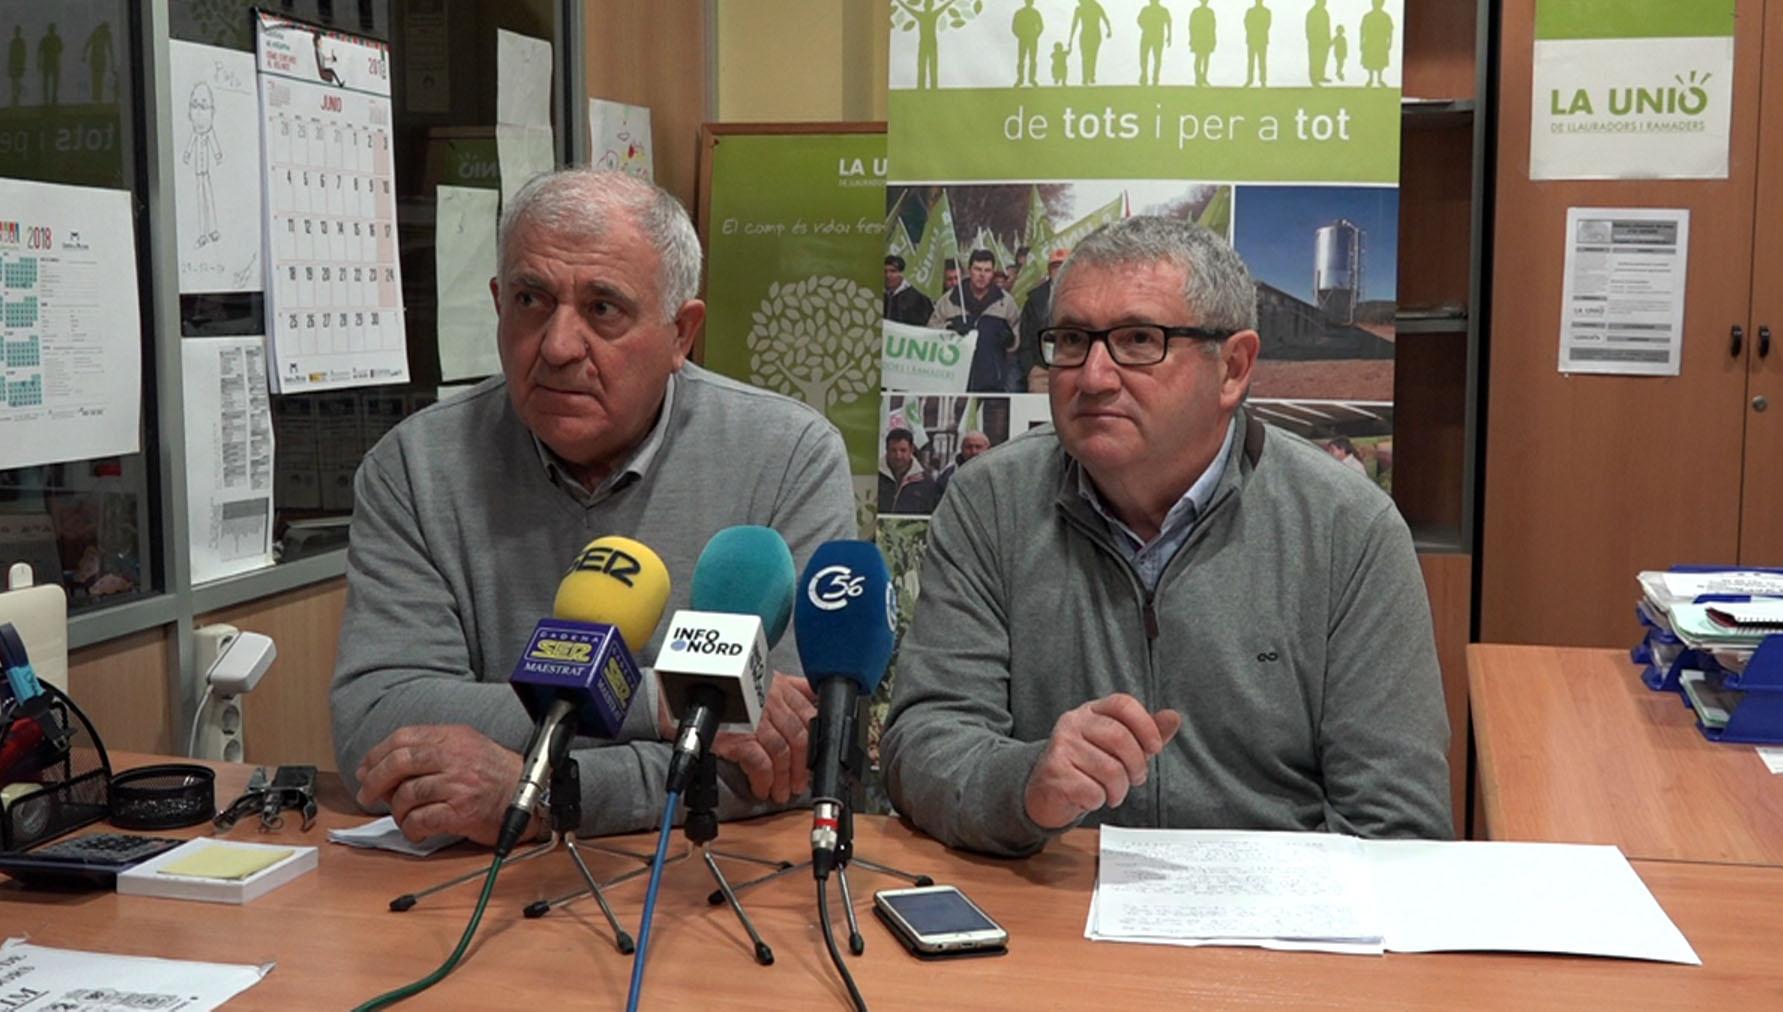 LA UNIÓ elabora una guia amb les novetats i preguntes freqüents sobre l'estat d'alarma per al sector agrari